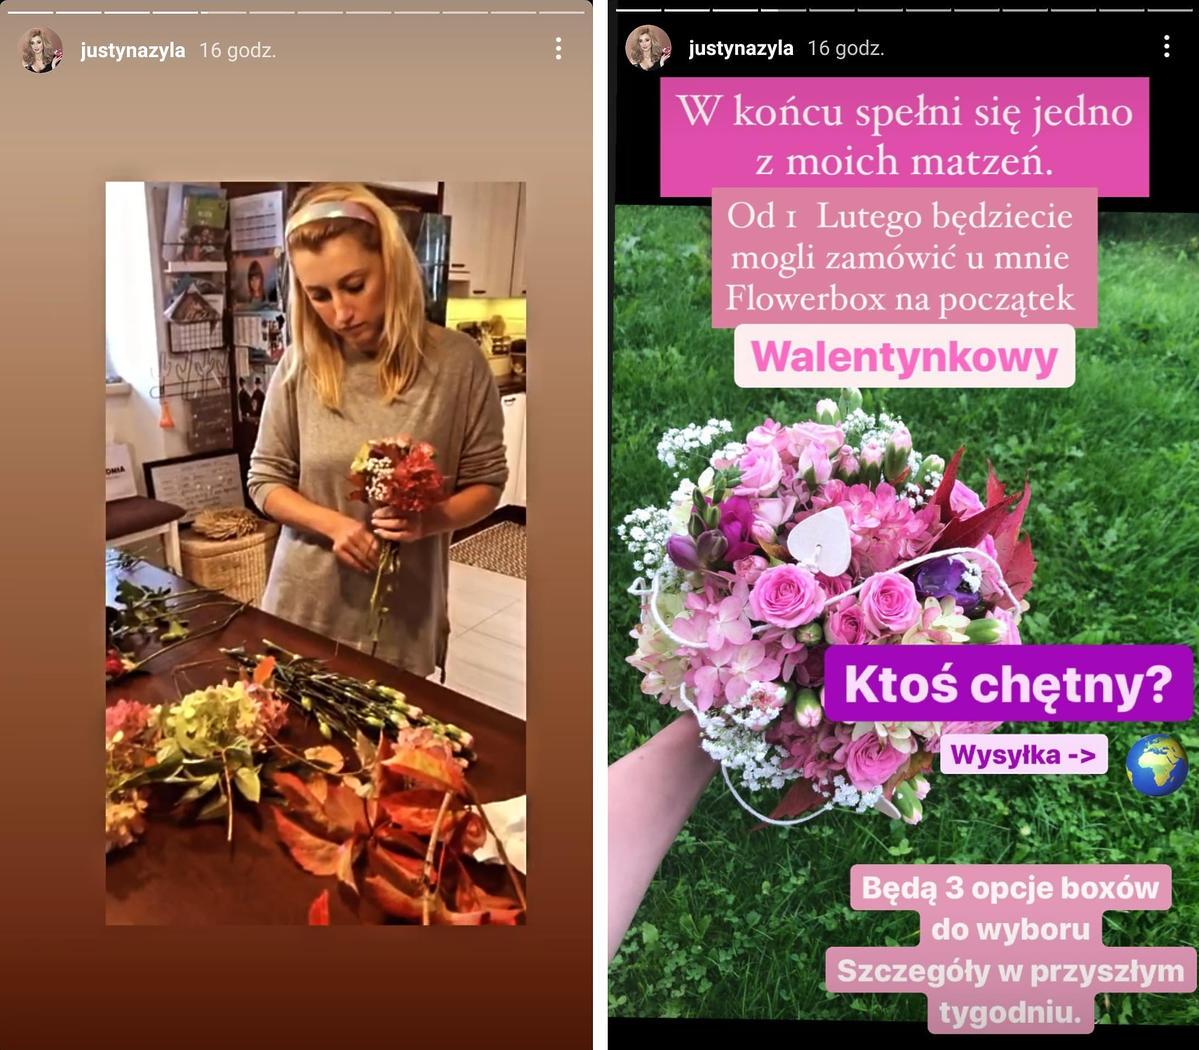 Justyna Żyła wchodzi w nowy biznes. Będzie sprzedawać kwiaty... w pudełkach